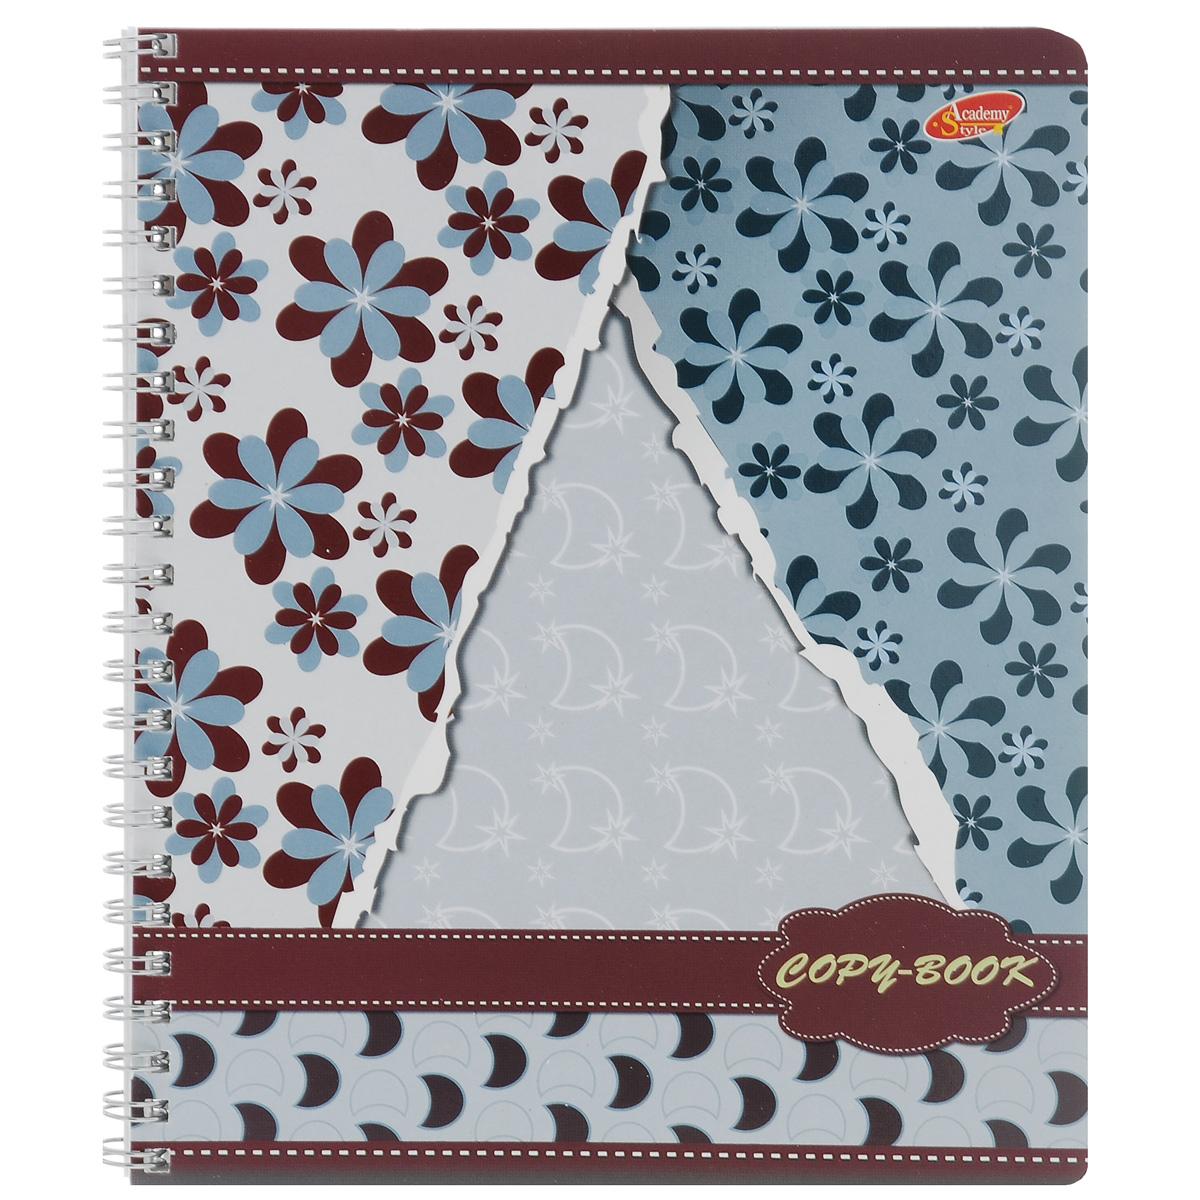 Тетрадь Обои, 80 листов, формат А5. 6590/3_серо-голубой6590/3_Серо-голубойТетрадь в клетку Обои с красочным изображением на обложке подойдет как школьнику, так и студенту. Обложкатетради с закругленными углами выполнена из мелованного картона. Внутренний блок состоит из 80 листов белой бумаги со стандартной линовкой в клетку, без полей.